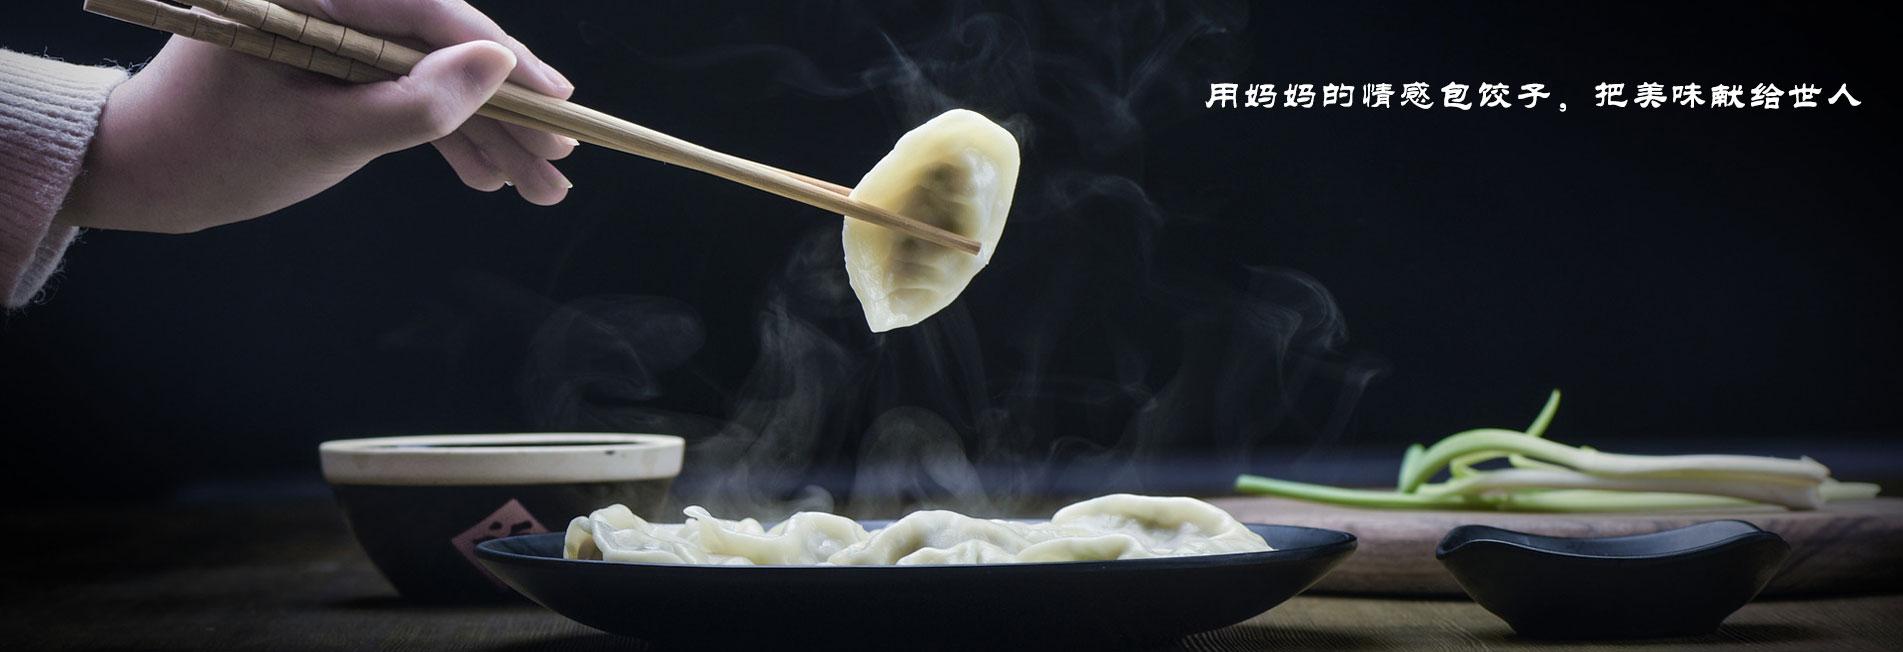 长春传统饺子店